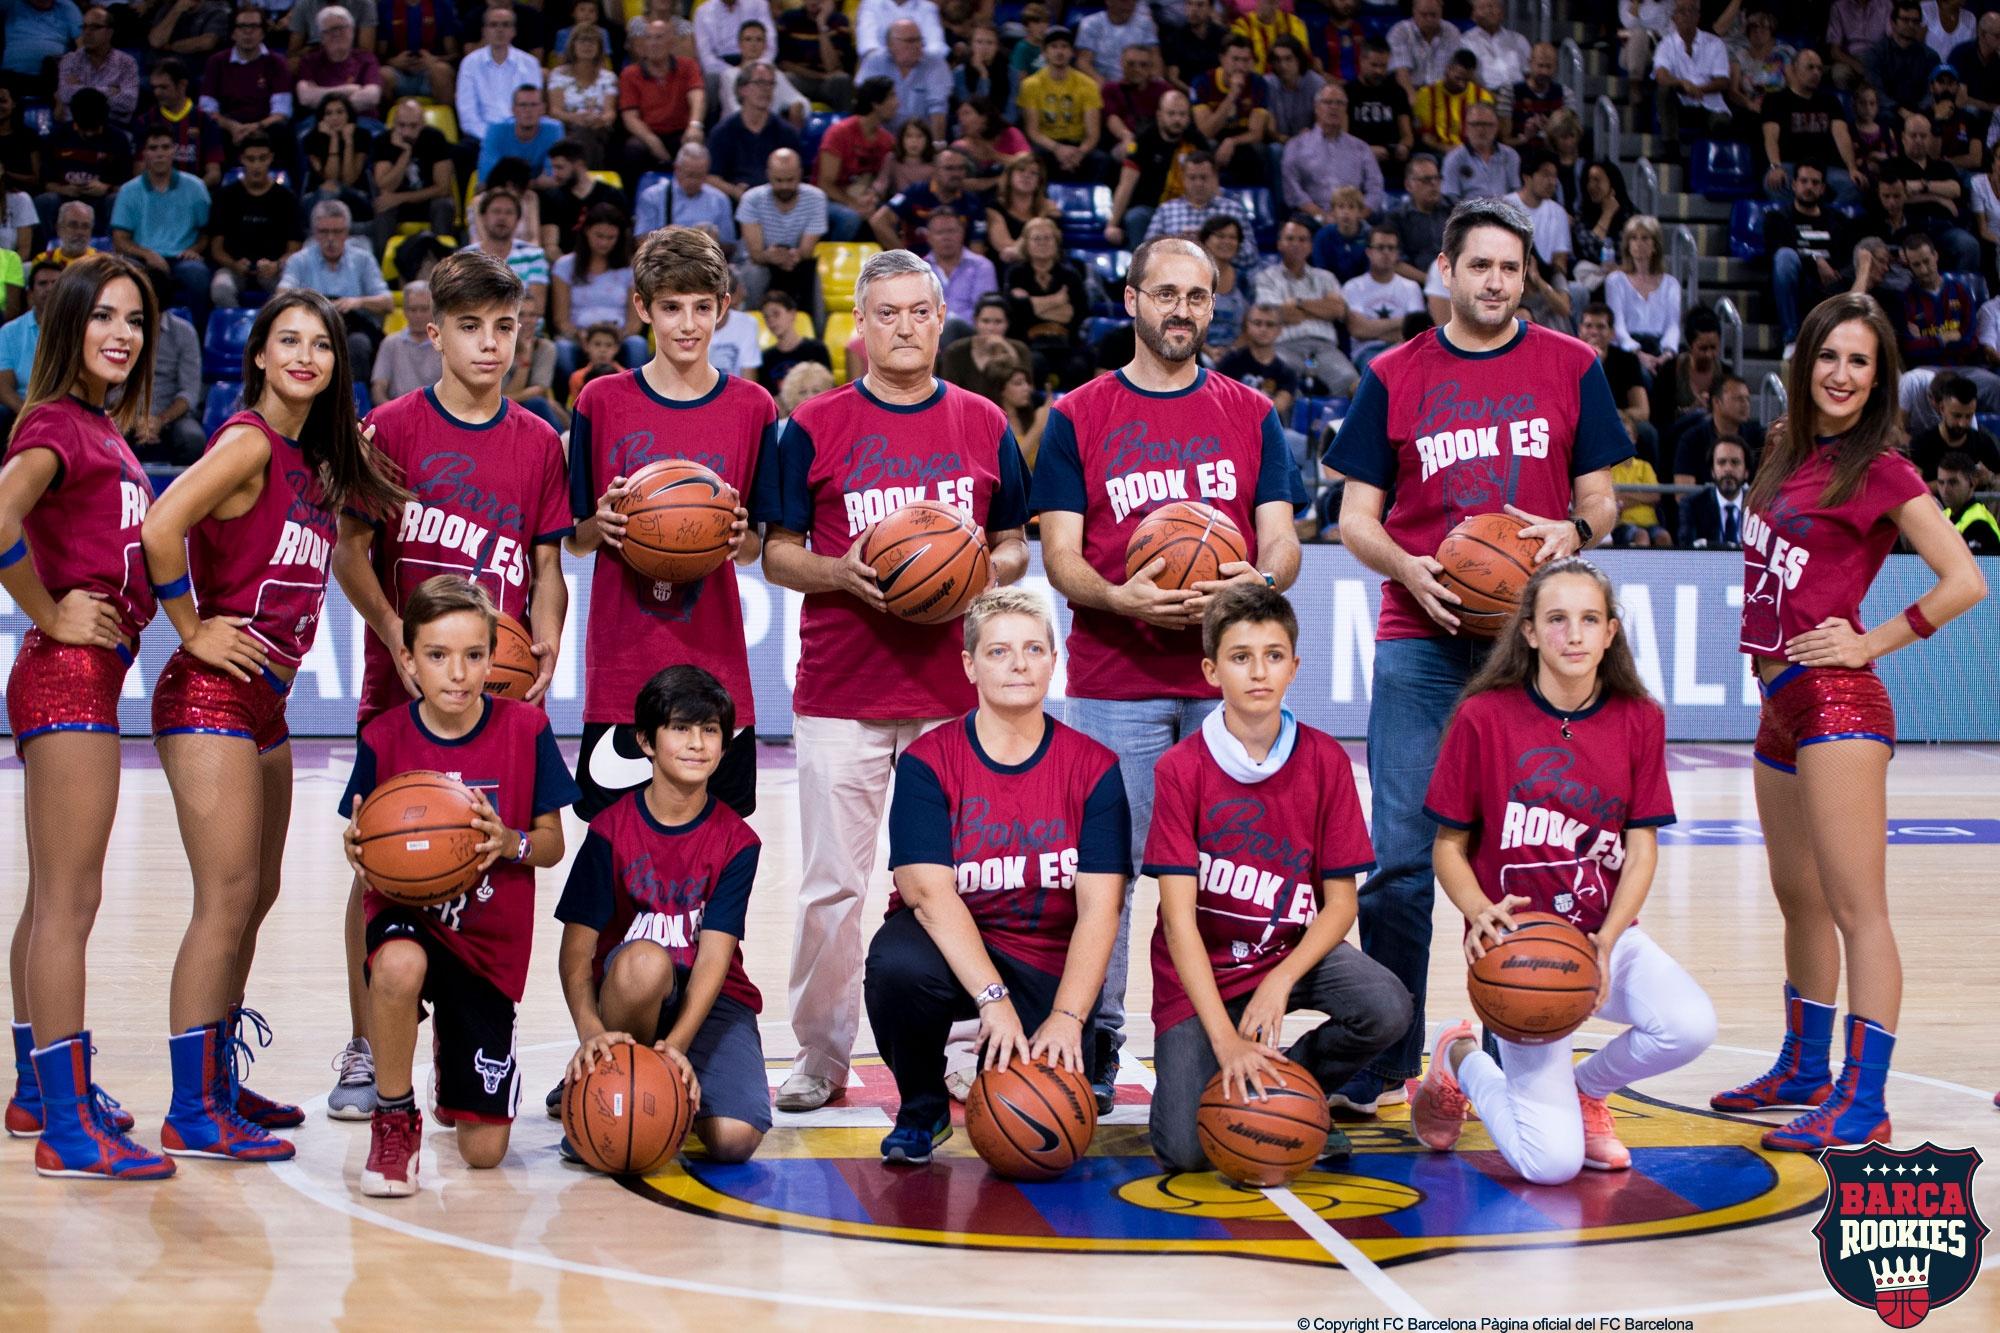 Els guanyadors del QUIZ del Barça Rookies gaudeixen del primer partit de la temporada!